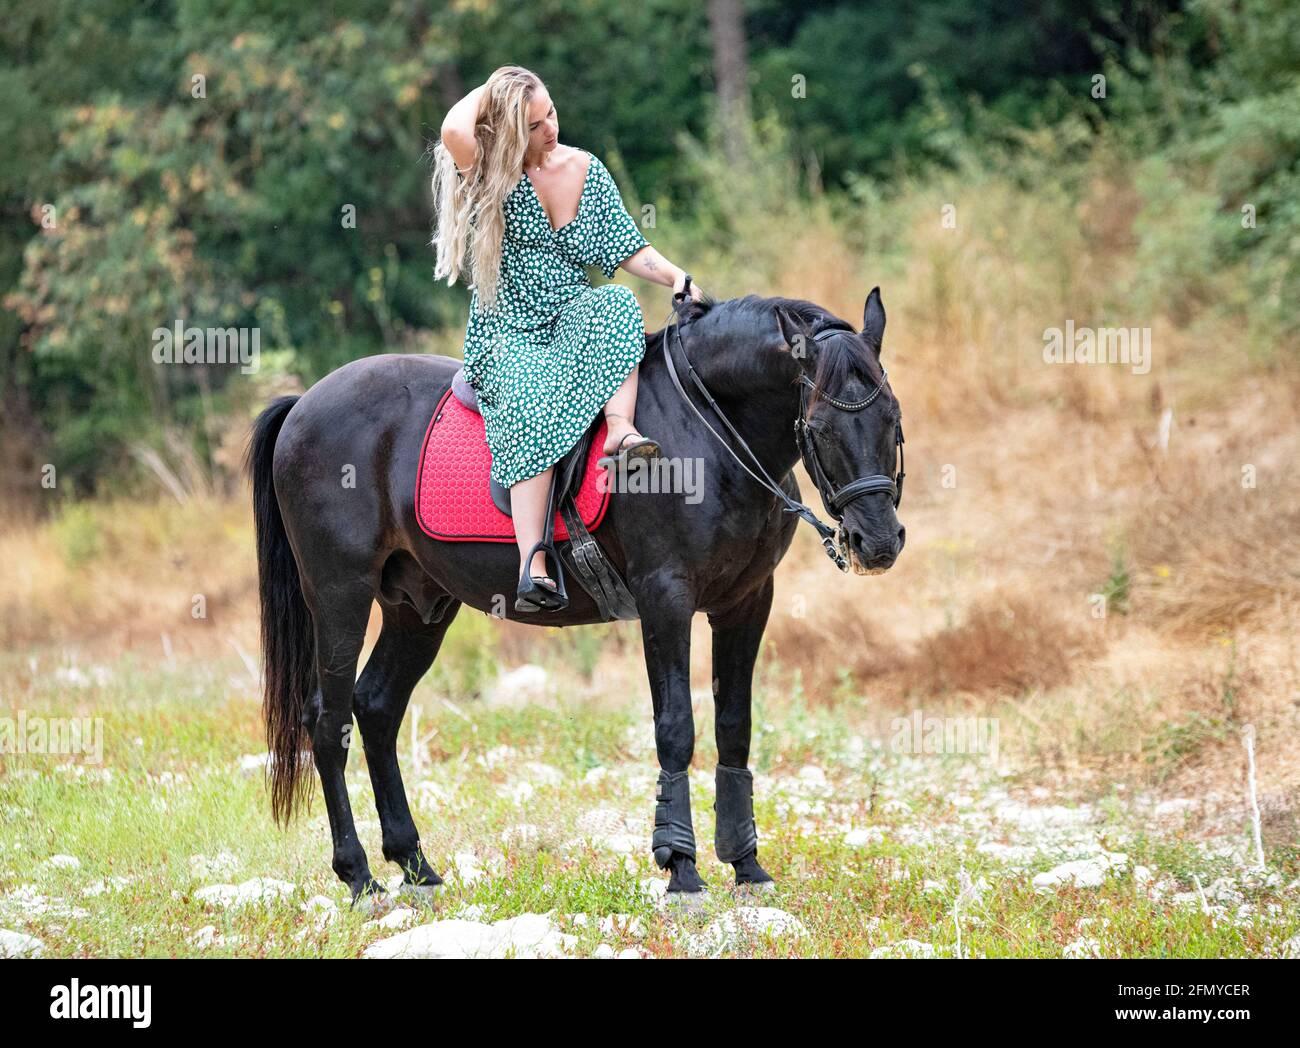 la chica de montar a caballo está caminando con su caballo negro Foto de stock